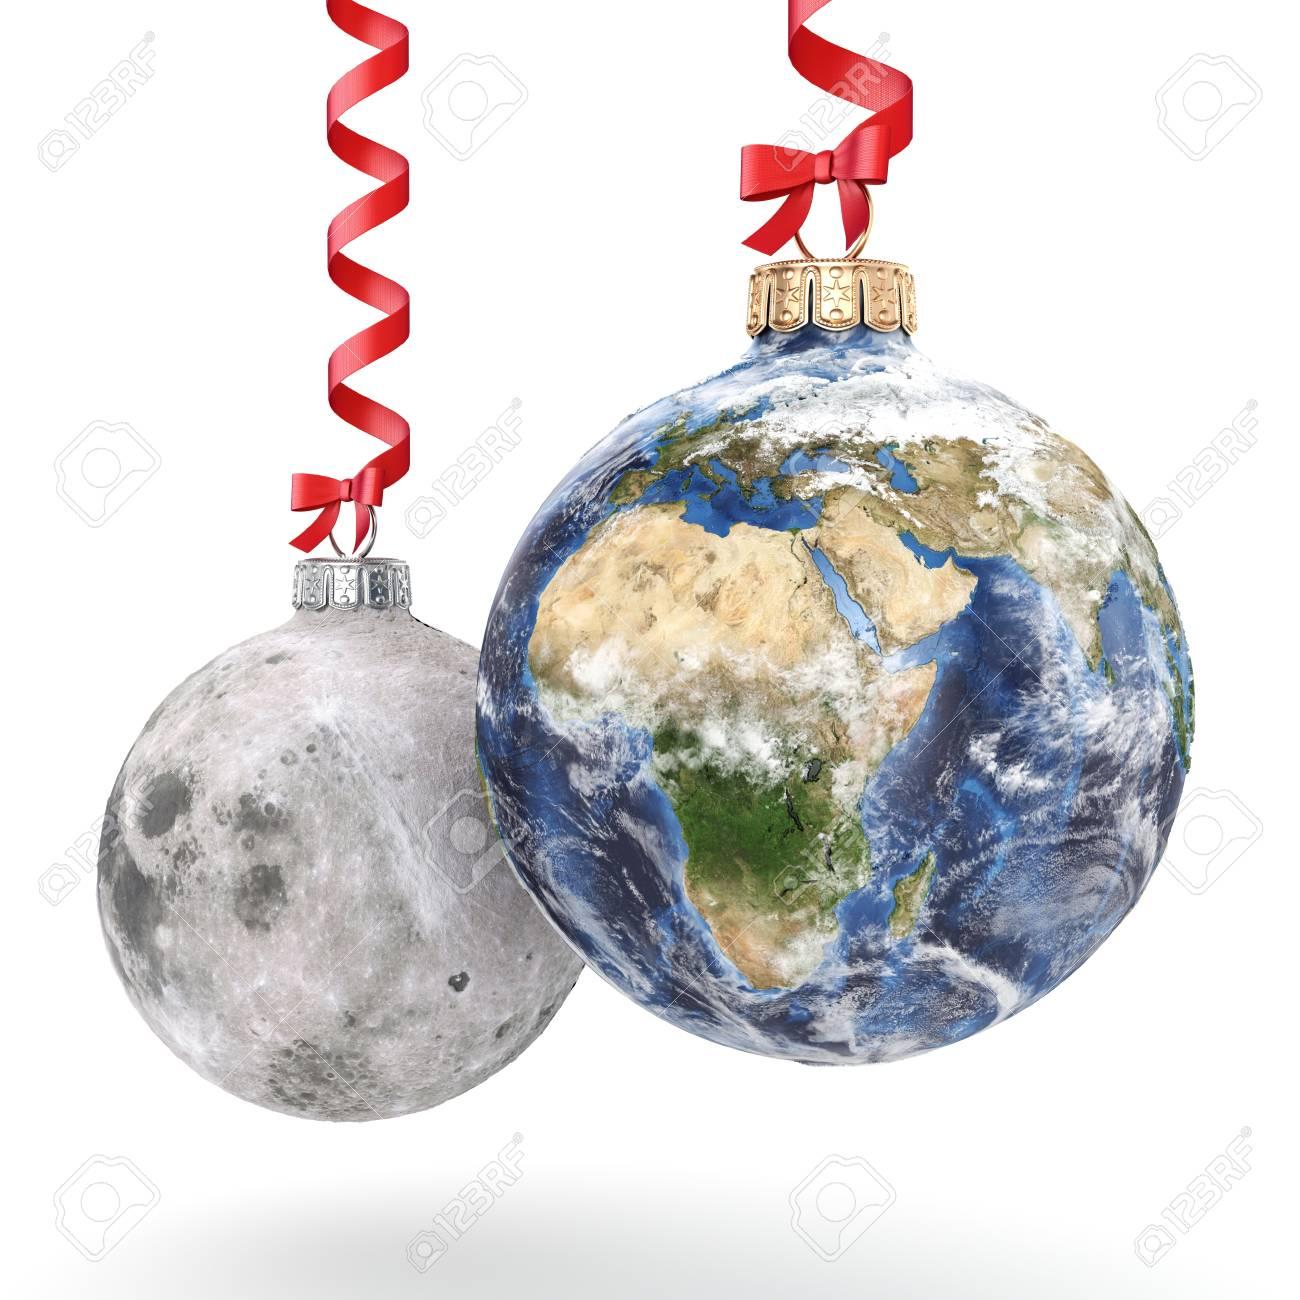 Boule De Noel De Rendu 3d Sous La Forme De La Planete Terre Et La Lune Sur Un Fond Blanc Donnees Nasa Utilisees Banque D Images Et Photos Libres De Droits Image 66728102